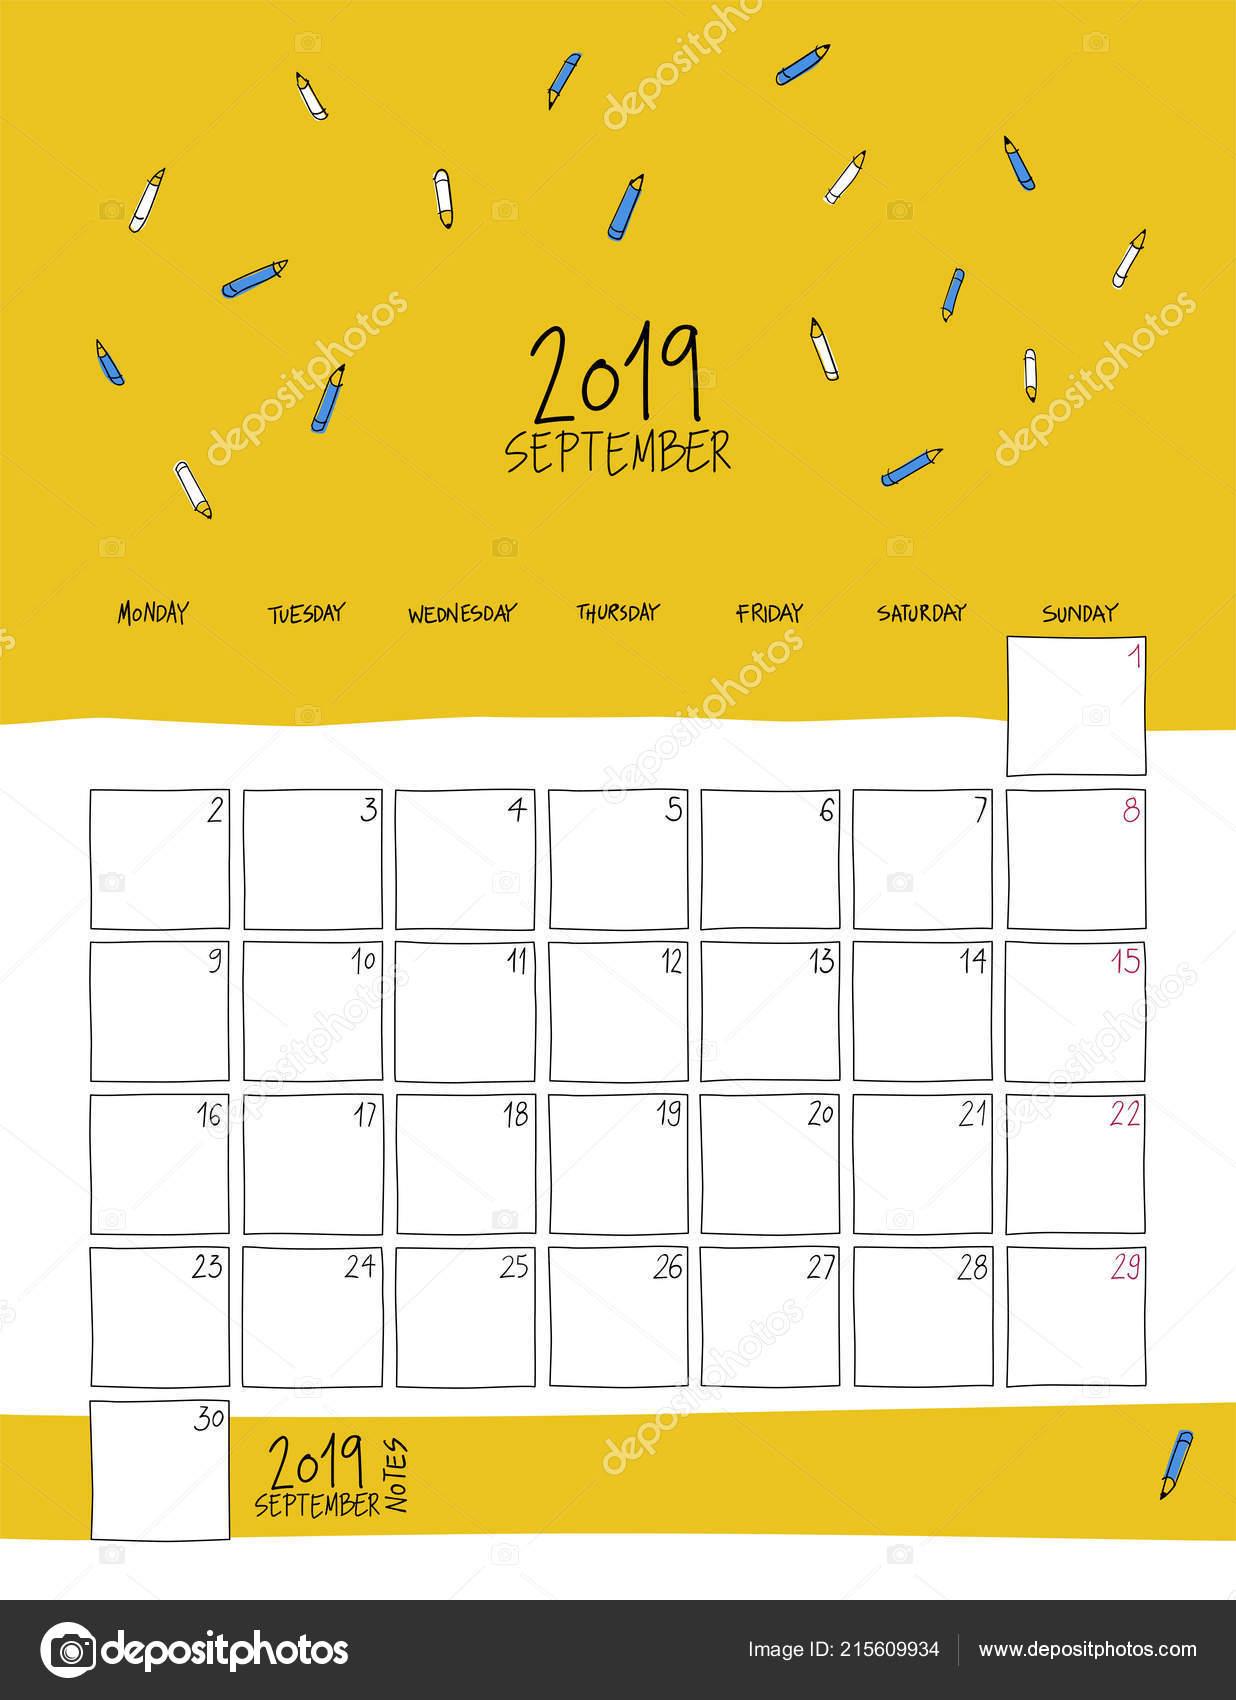 Calendario Dibujo Septiembre.Calendario Pared Septiembre 2019 Dibujo Colorido Plantilla